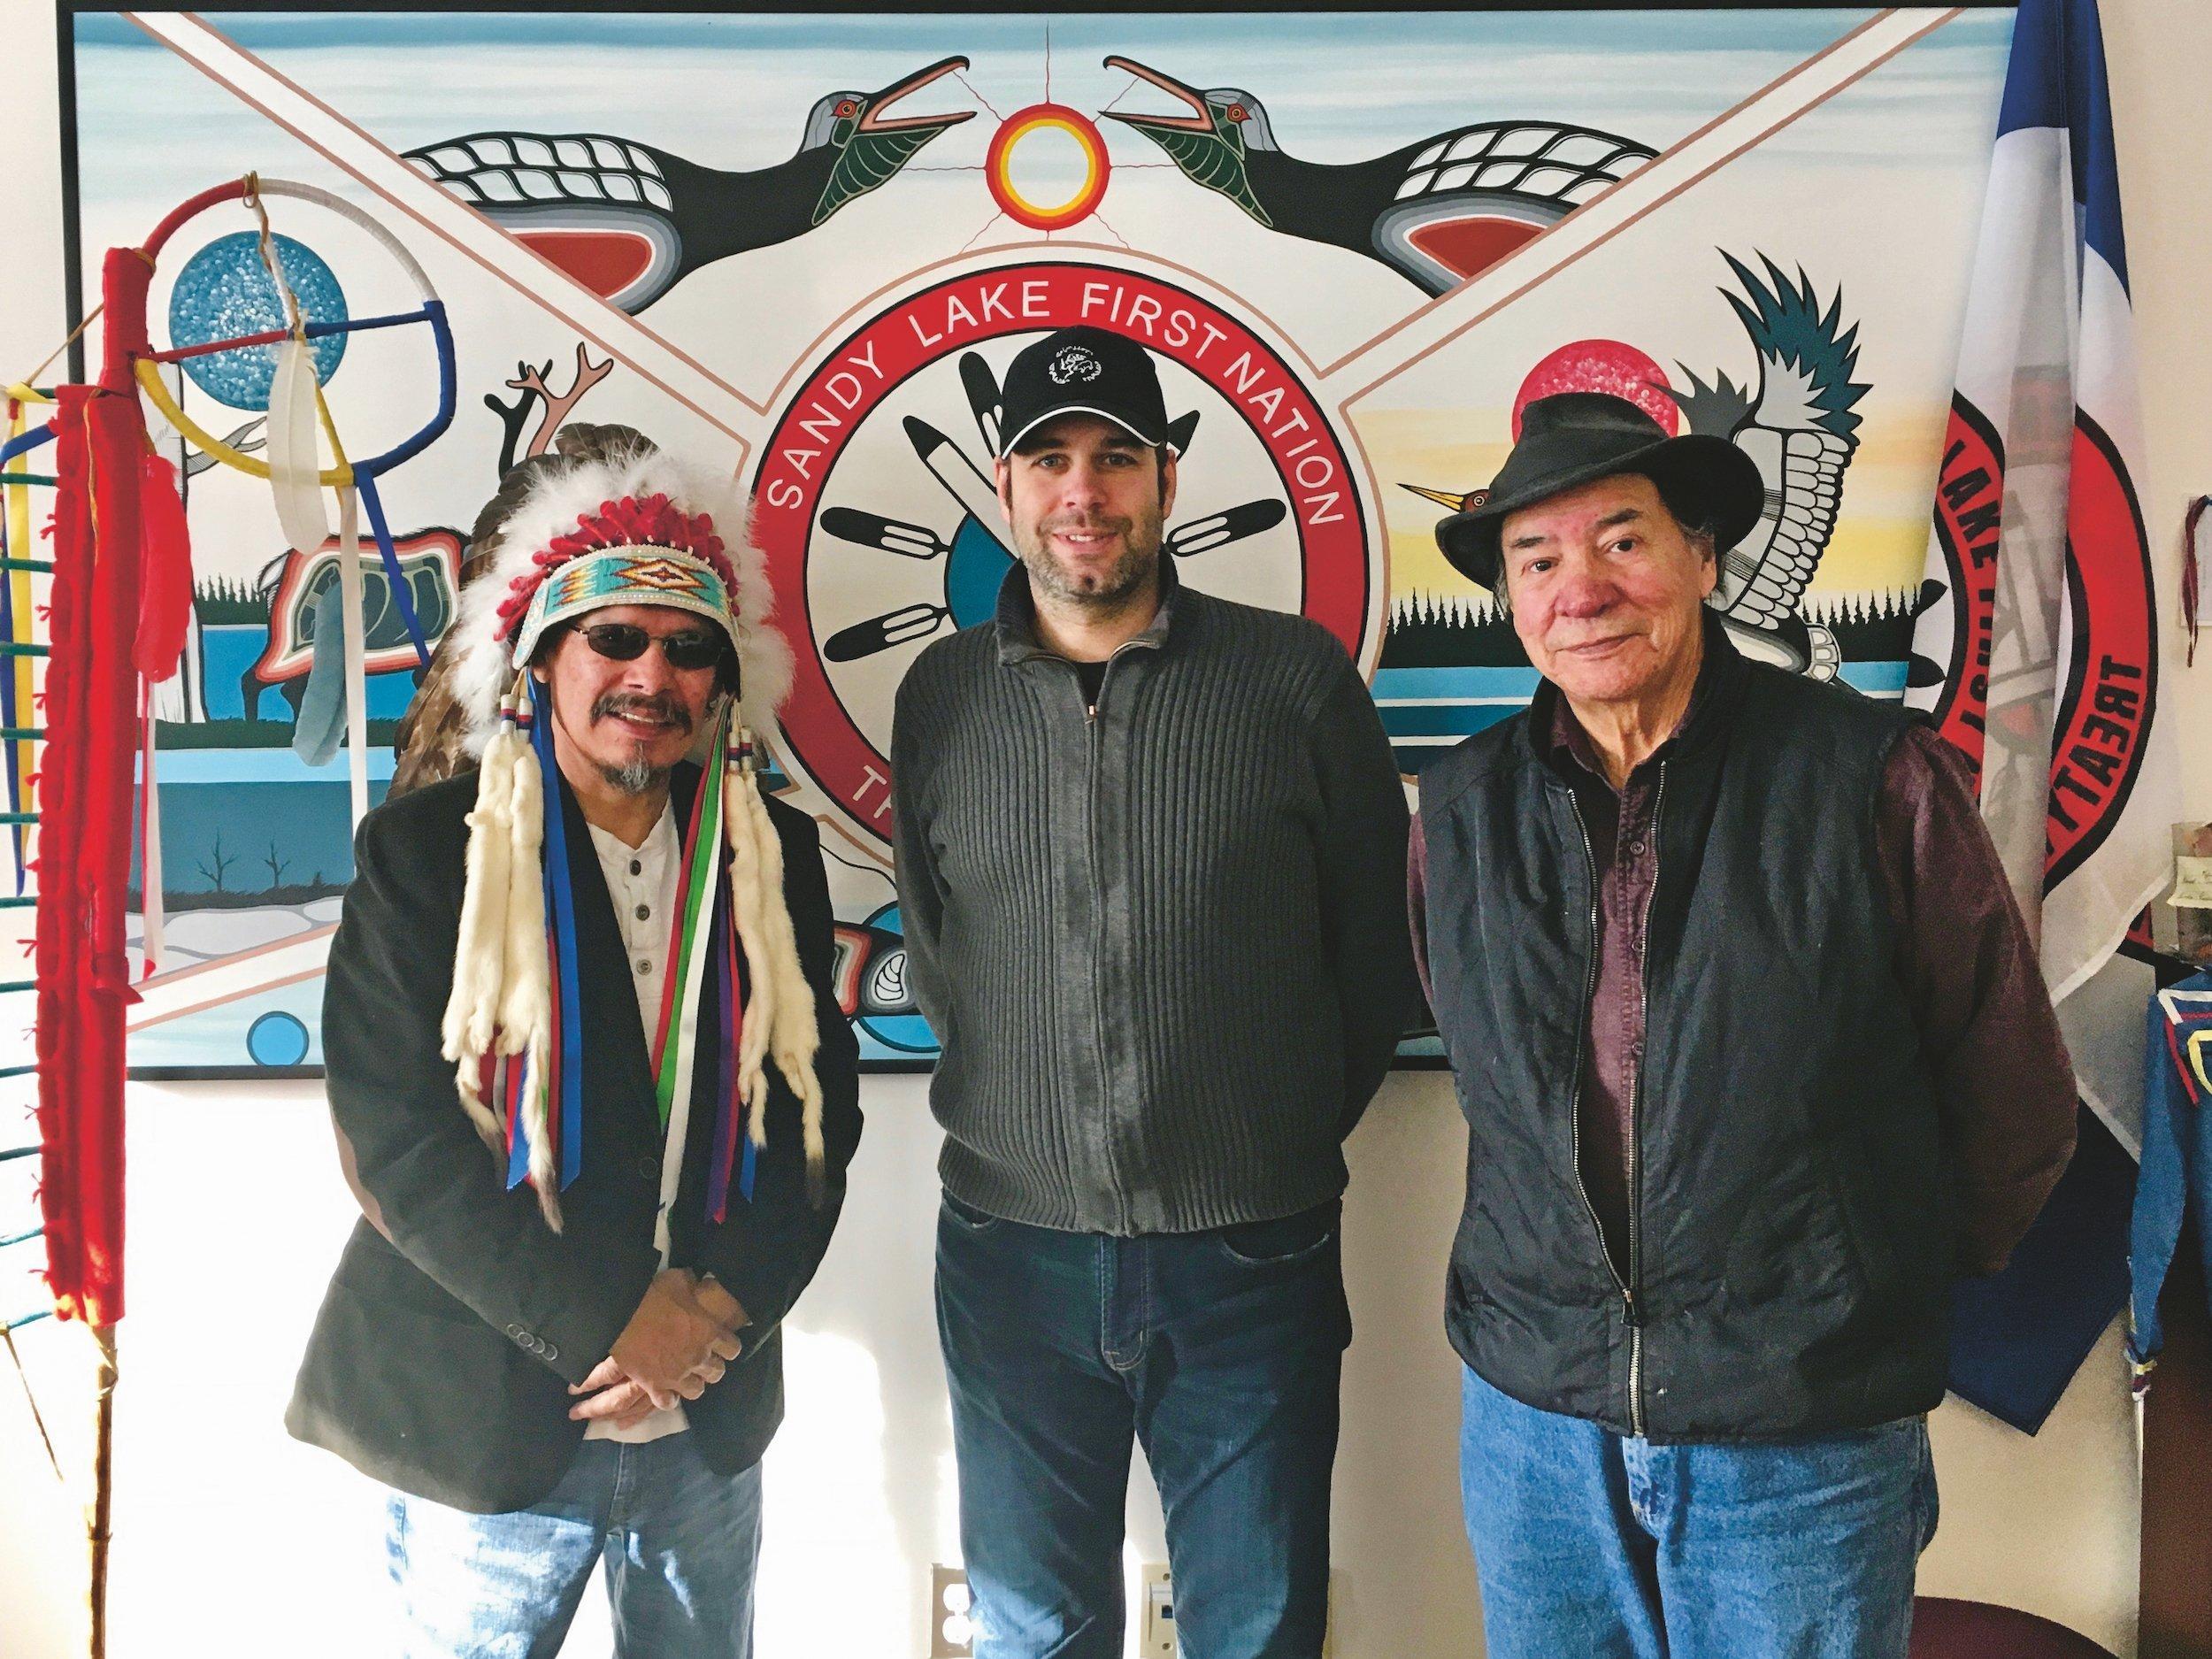 Menrath trägt ein Basecap und steht zwischen den beiden Männern, Chief Meekis trägt traditionelle Kleidung.